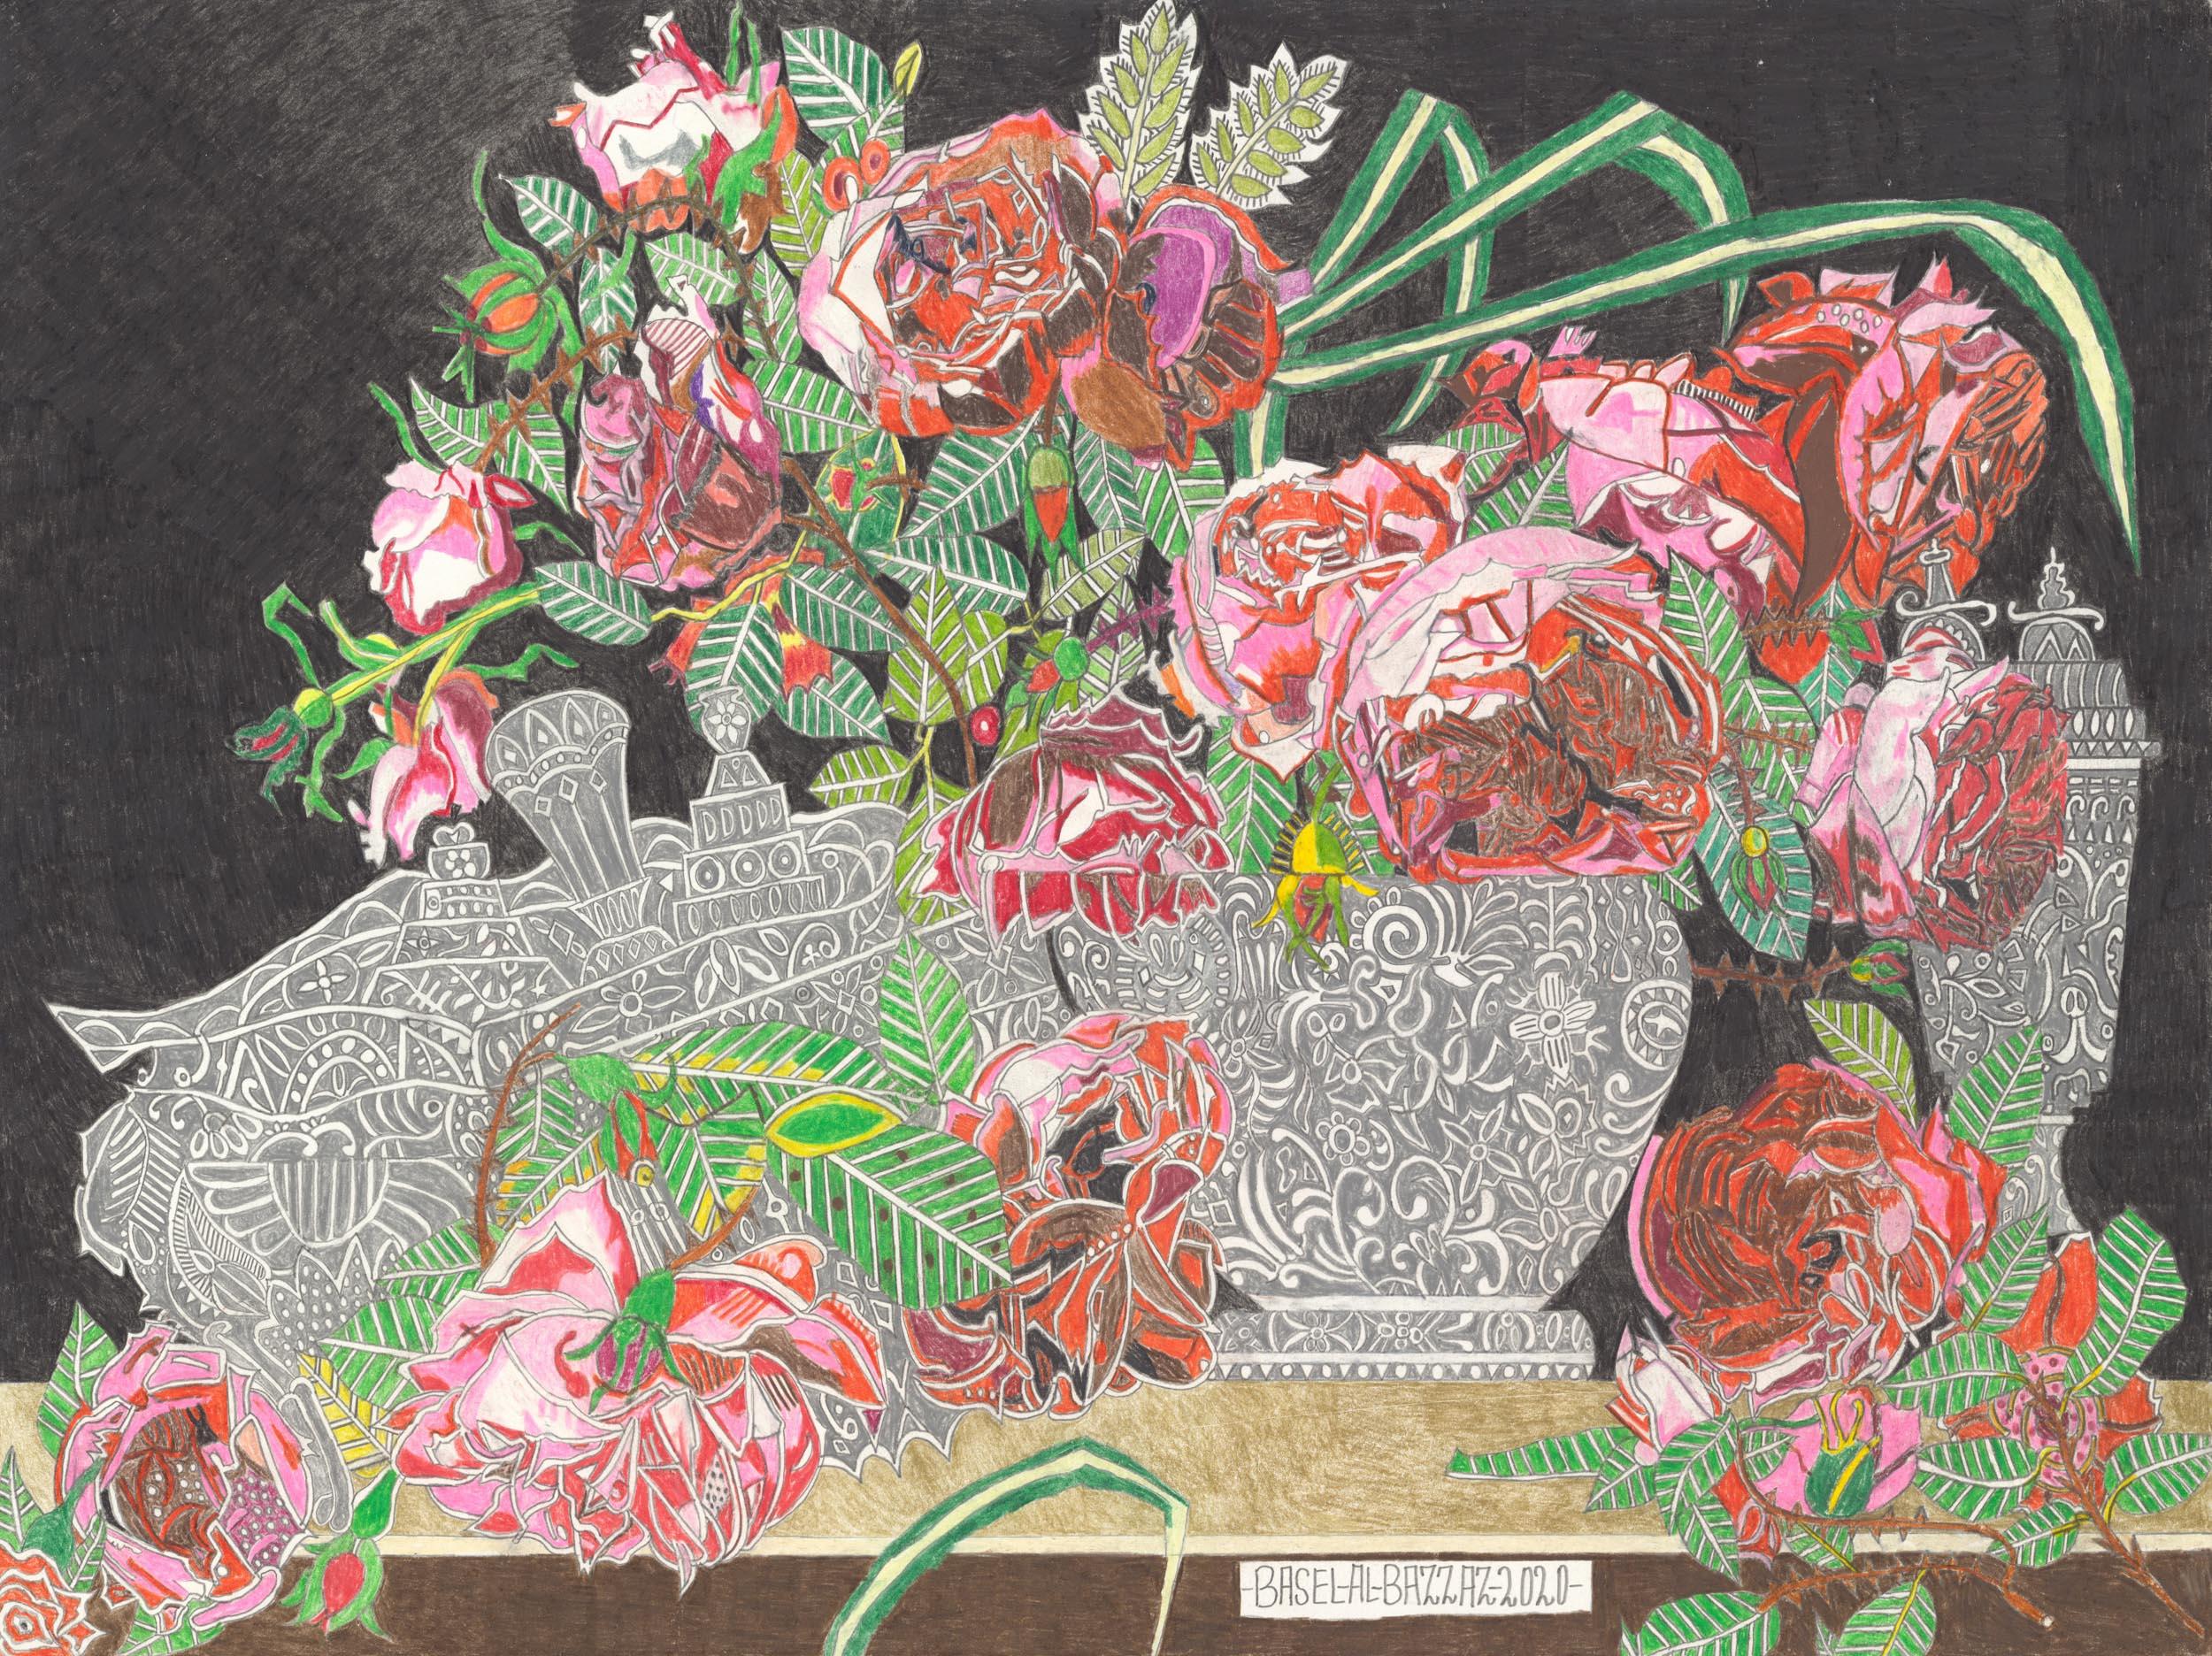 al-bazzaz basel - Rosen in Kristallvase / Roses in crystal vase